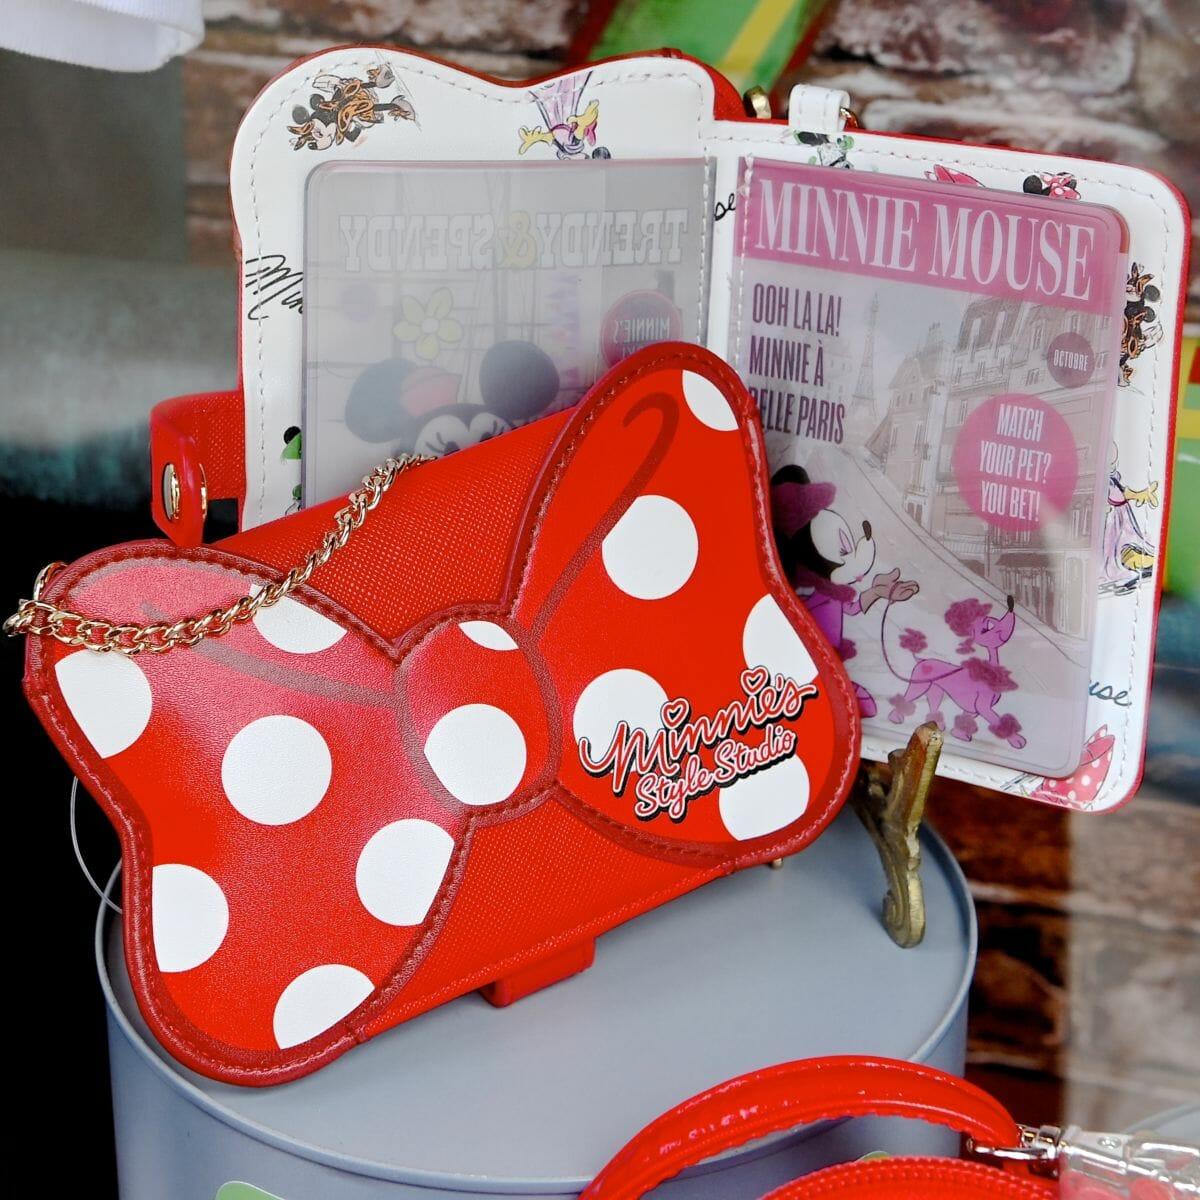 「ミニーのスタイルスタジオ」デザインパスケース